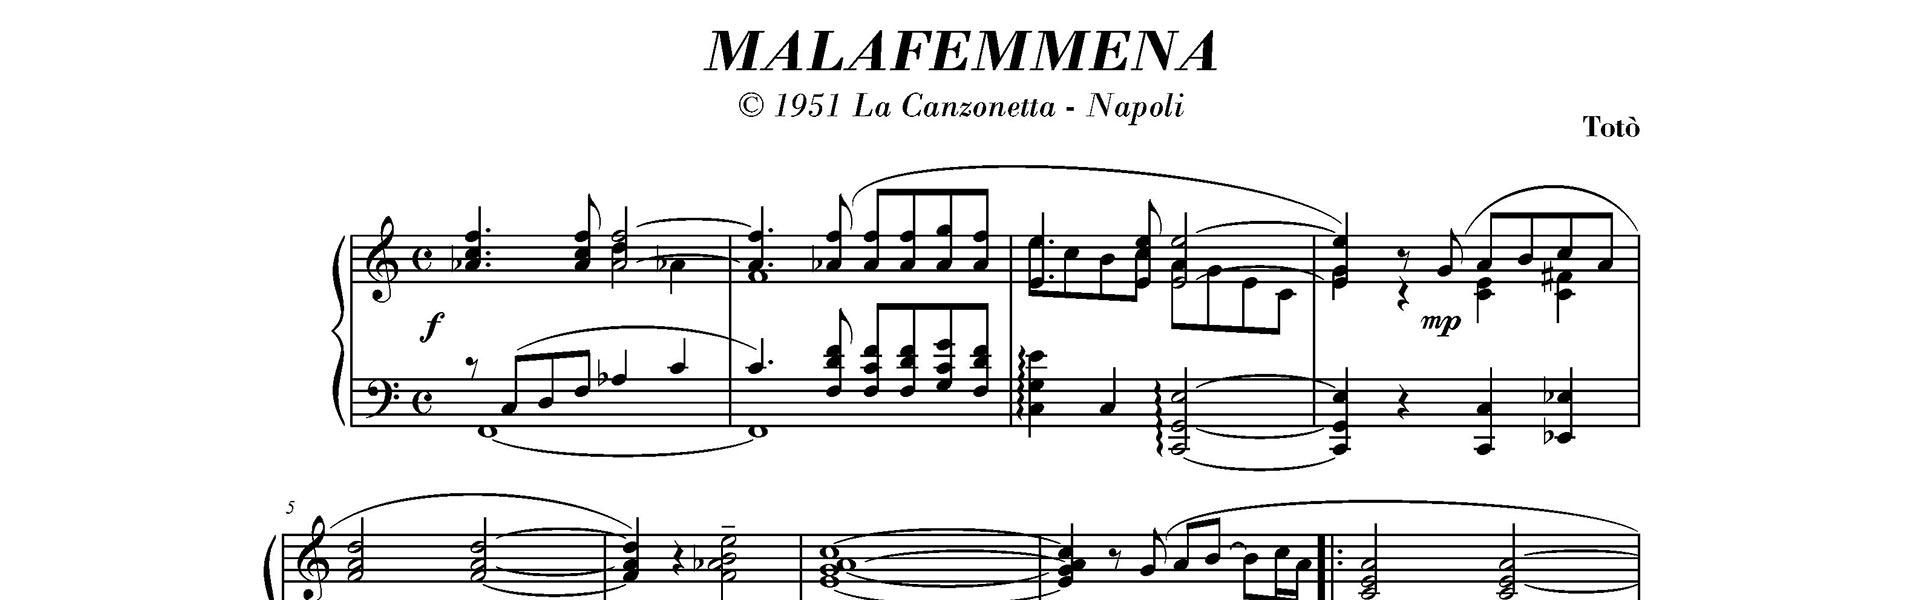 malafemmena di totò, la canzone più famosa di totò